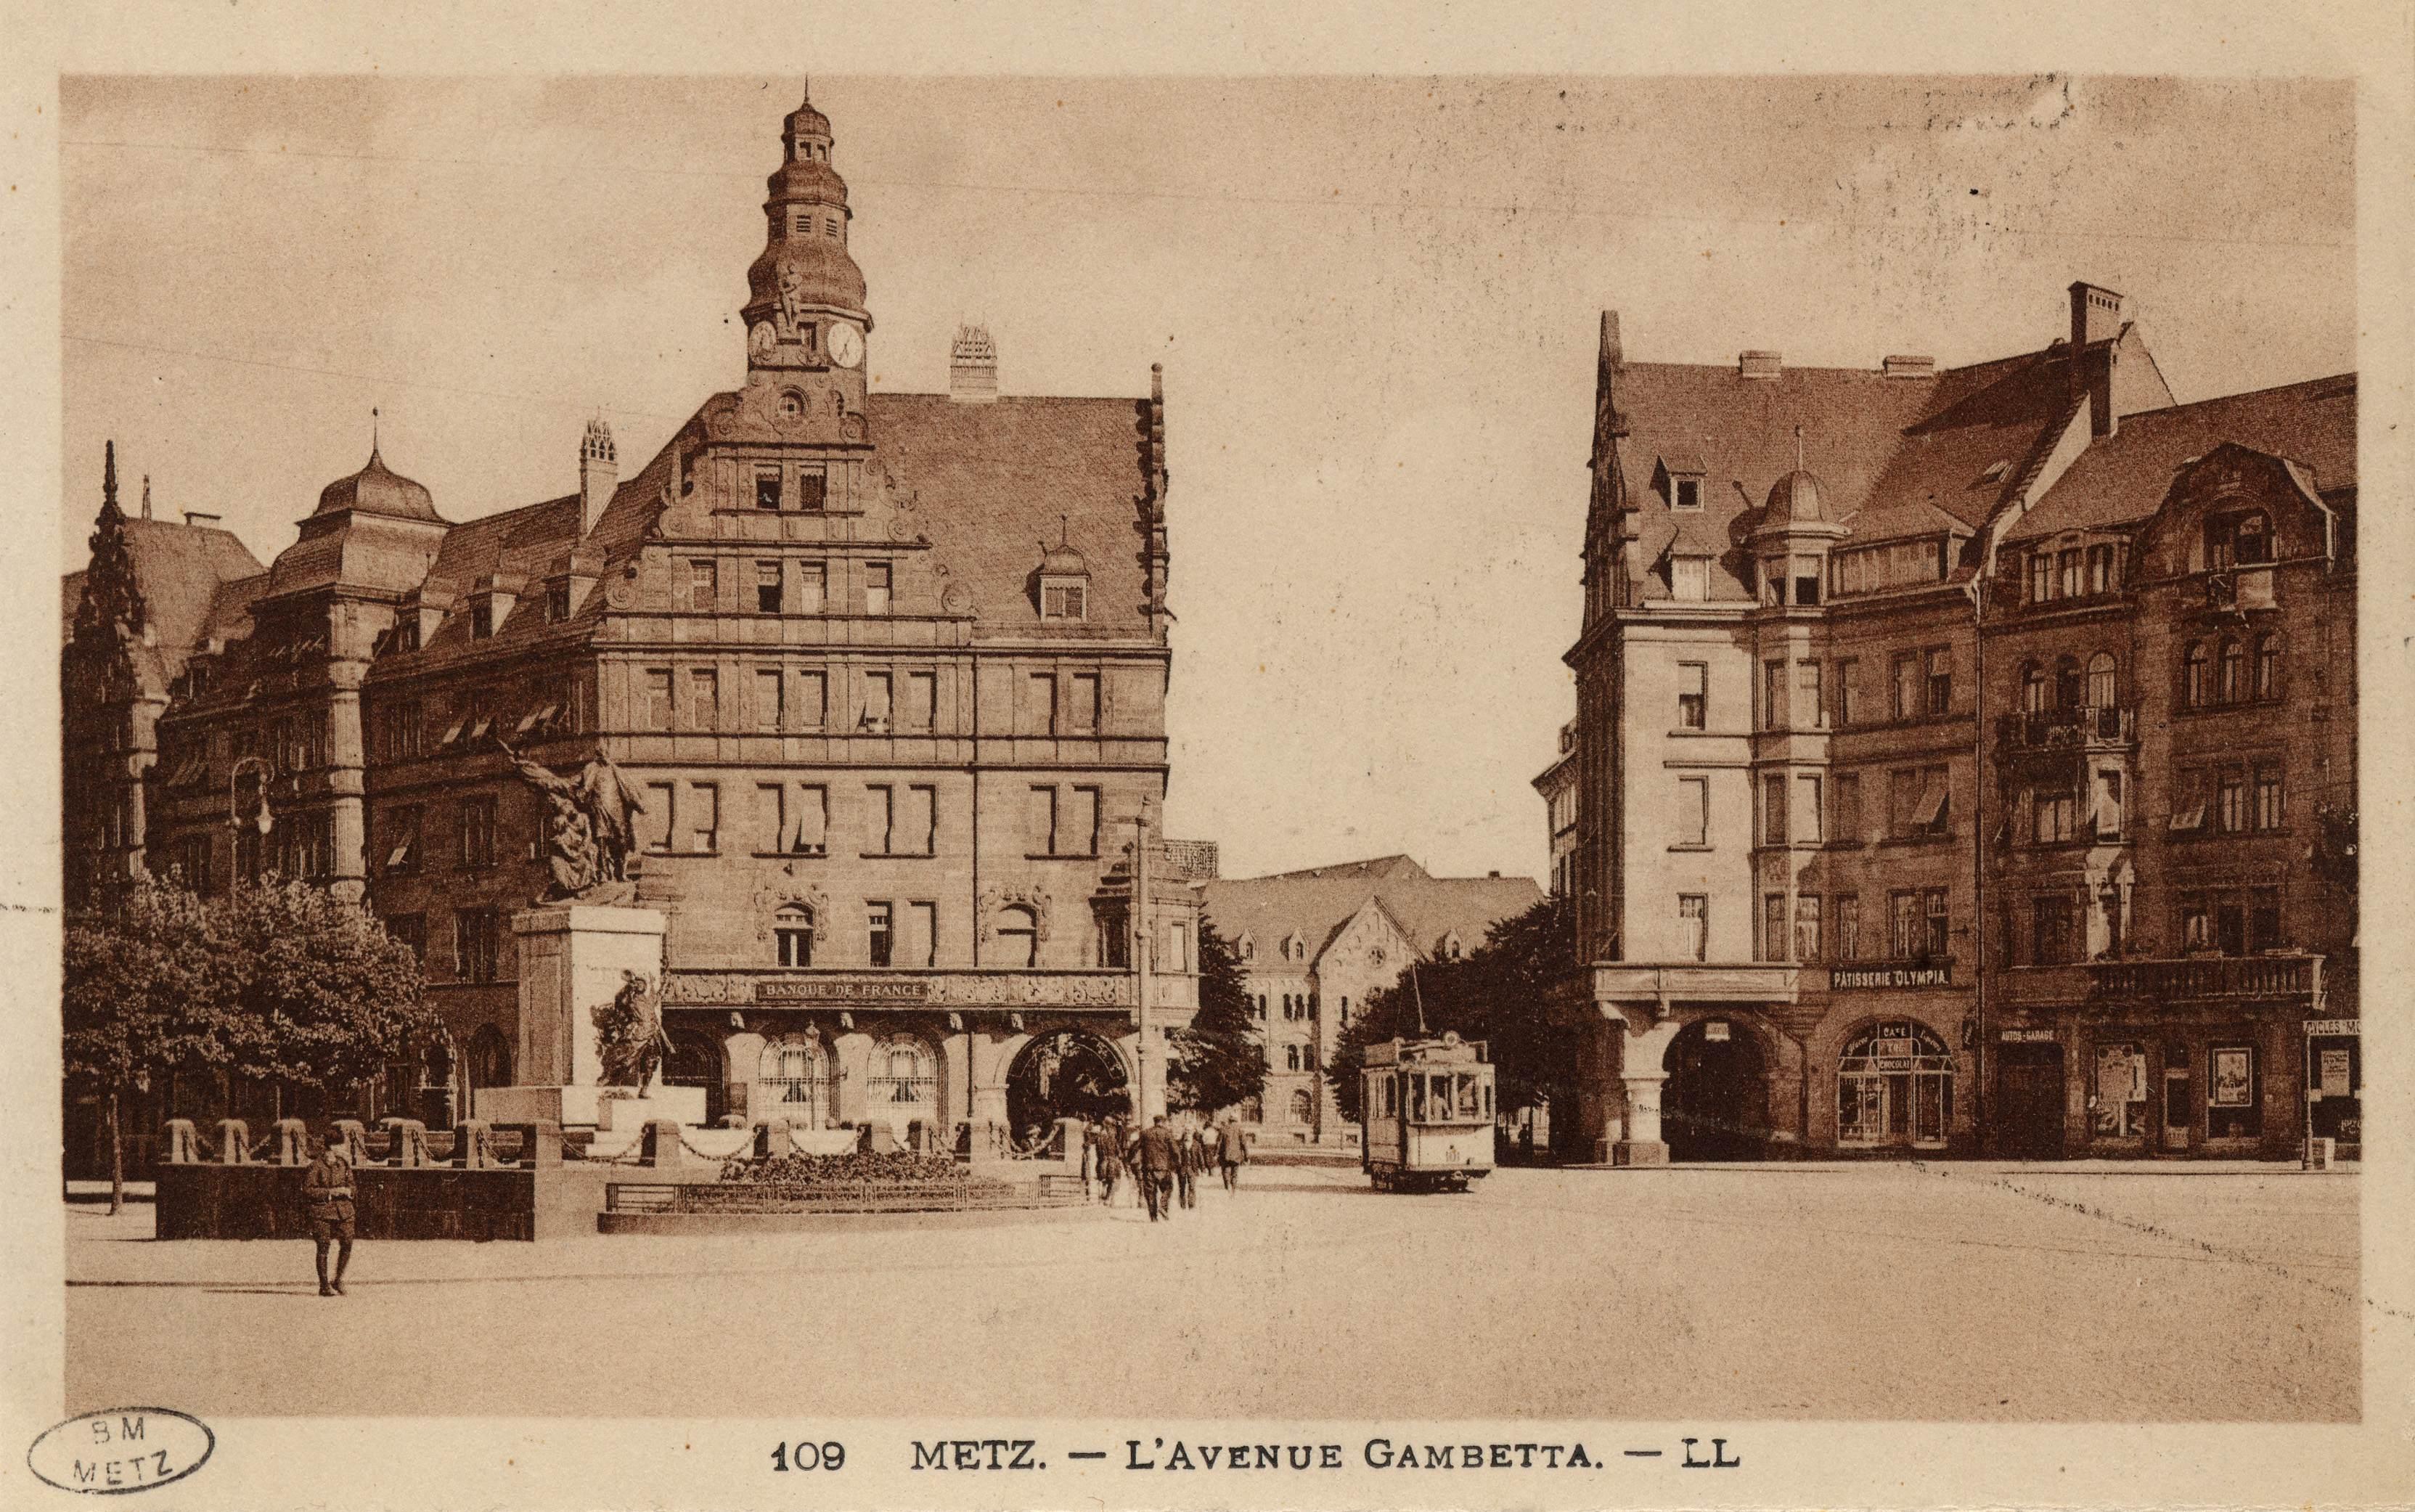 Contenu du Metz. L'Avenue Gambetta